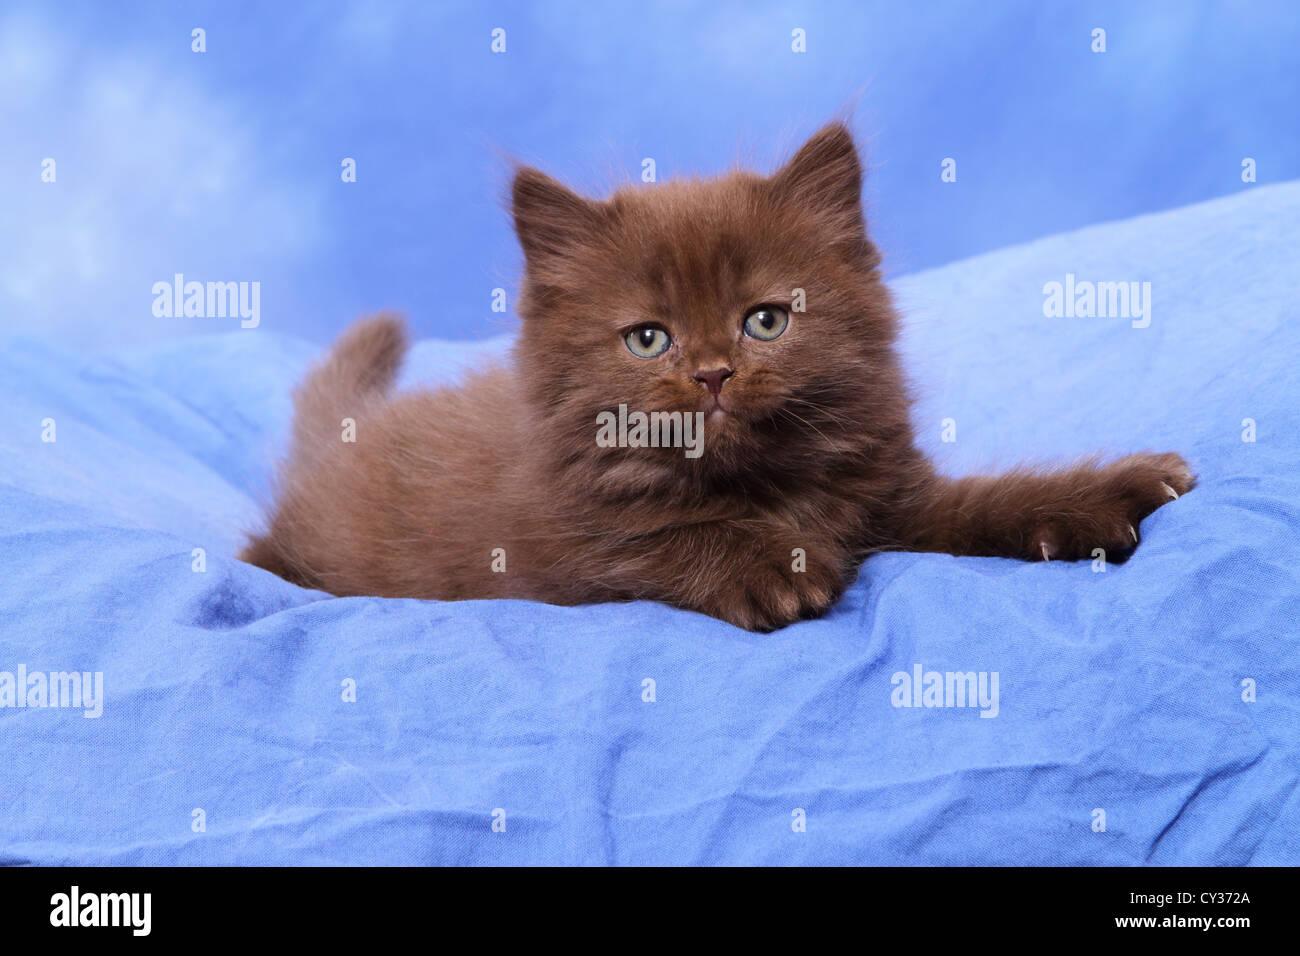 Highlander Kitten - Stock Image